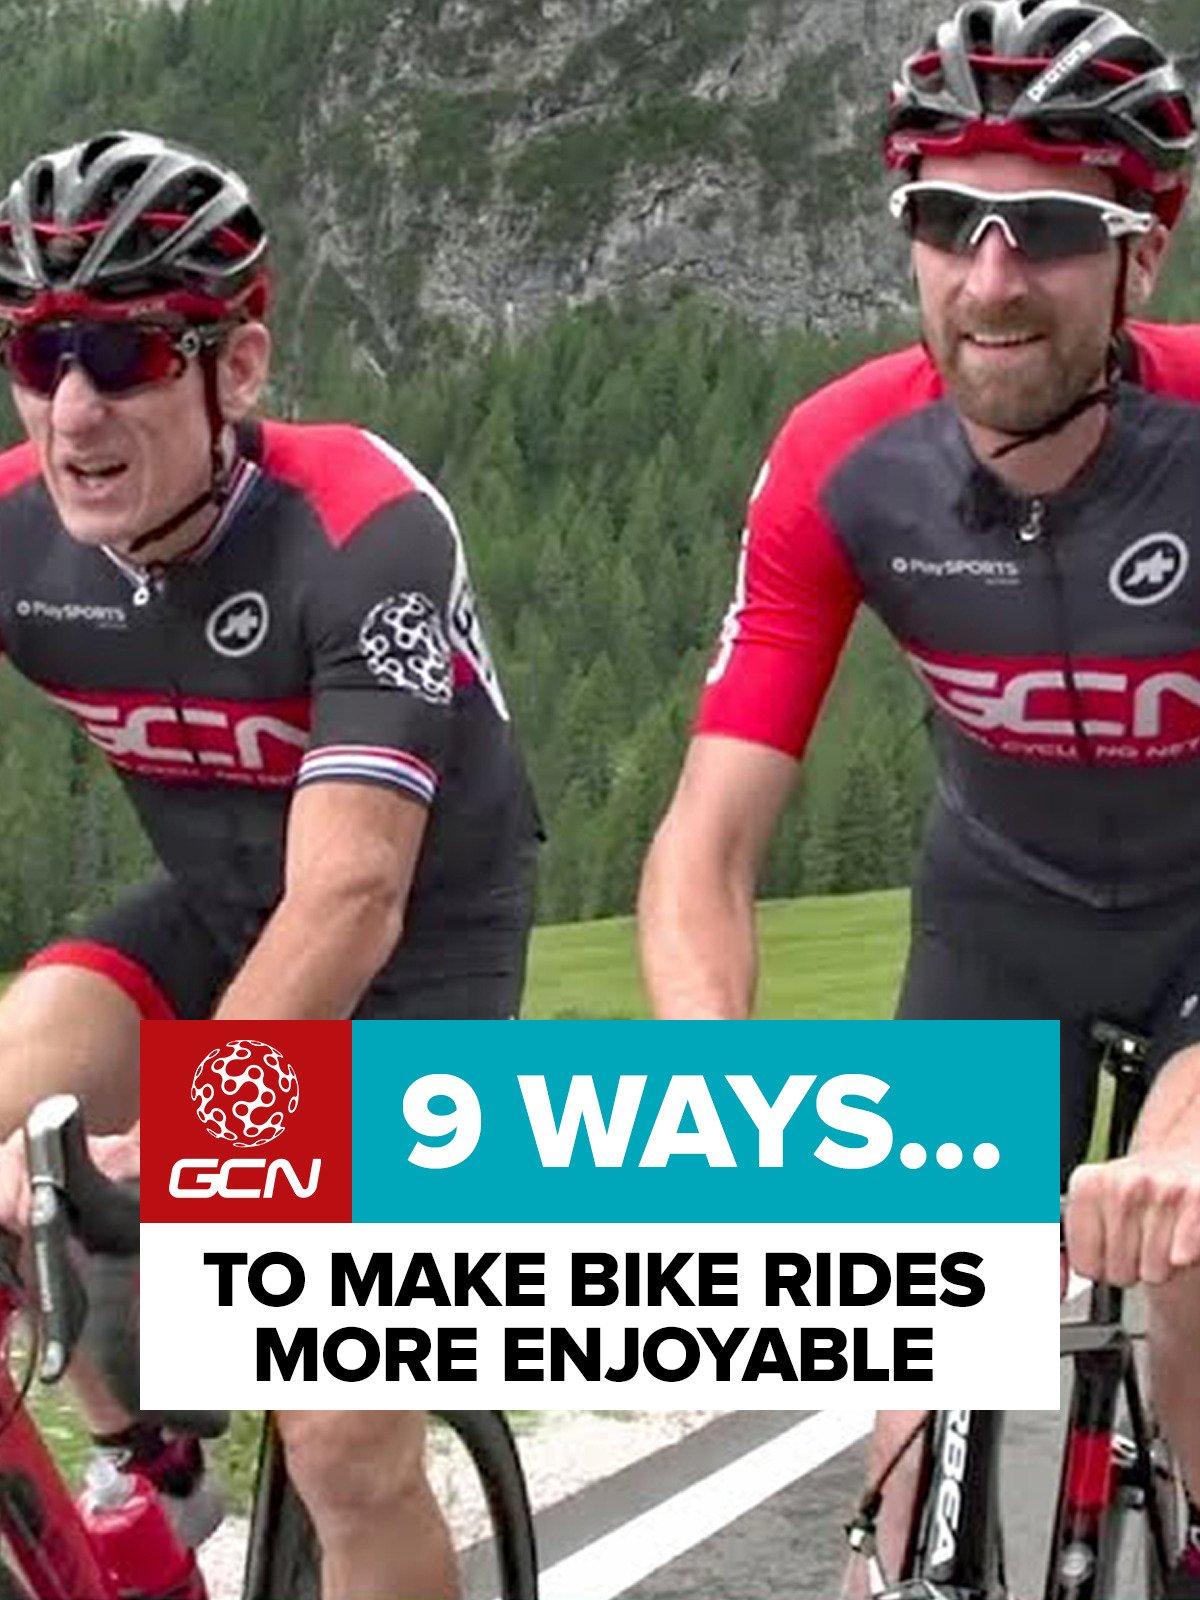 9 Ways To Make Bike Rides More Enjoyable